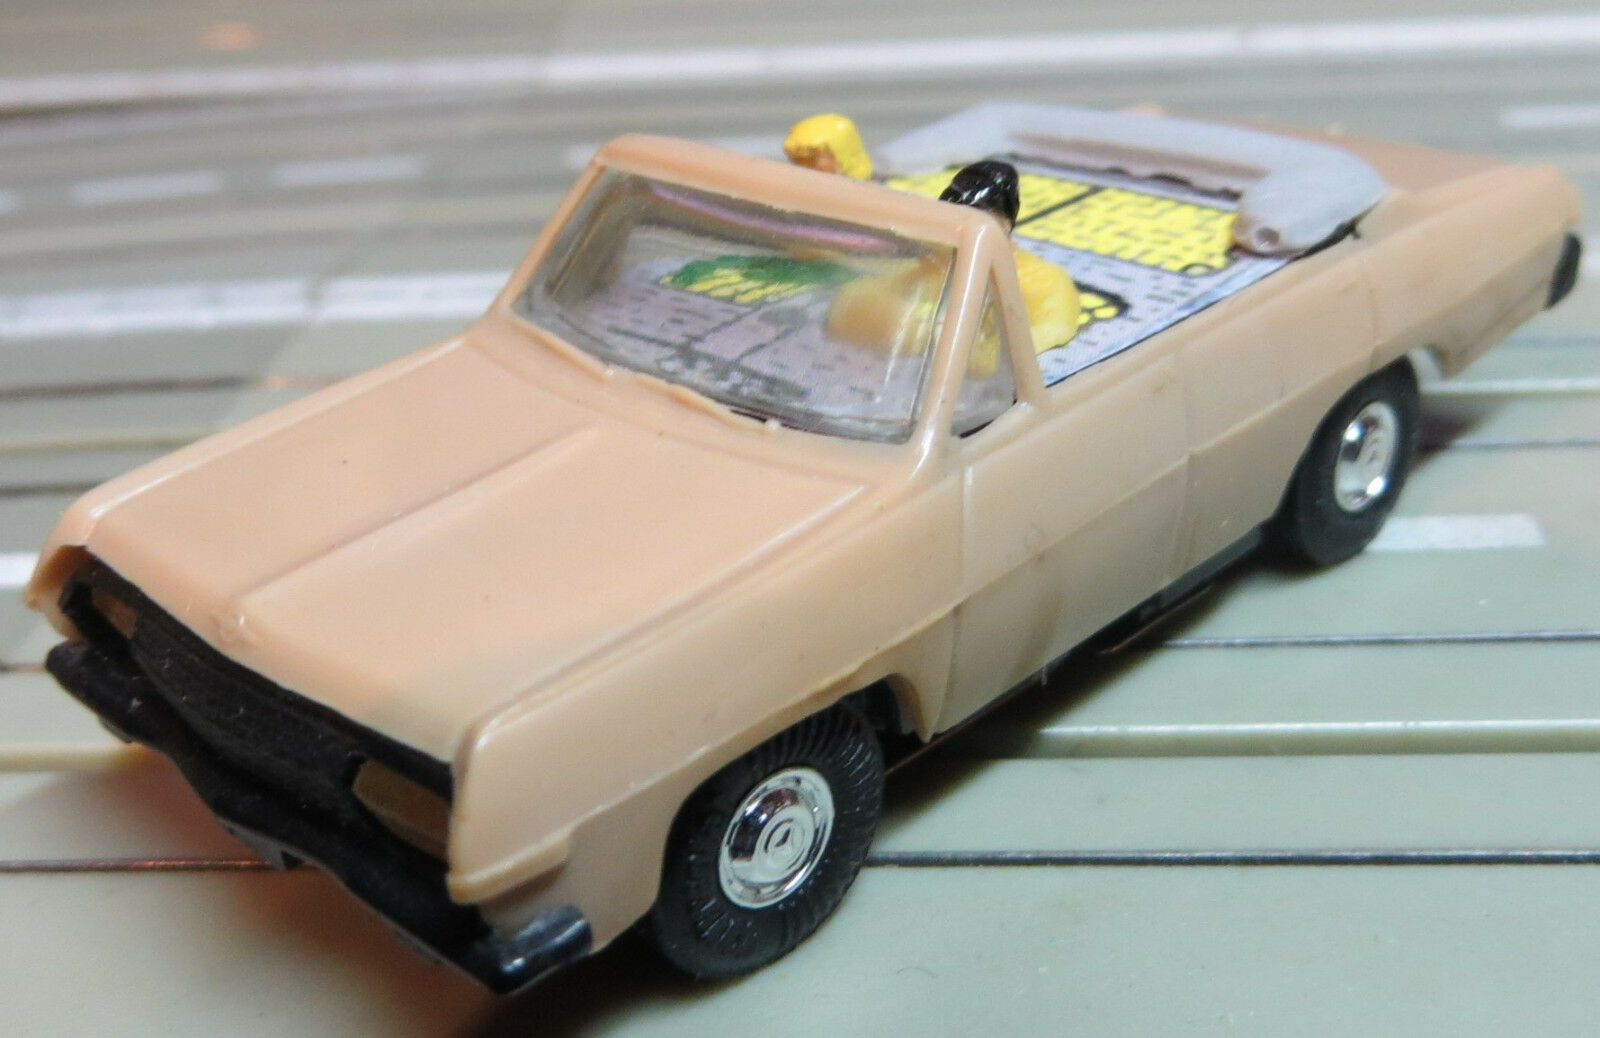 classico senza tempo Ftuttier Ams Opel Diplomatico come Cabrio con Motore di Blocco Blocco Blocco  punto vendita